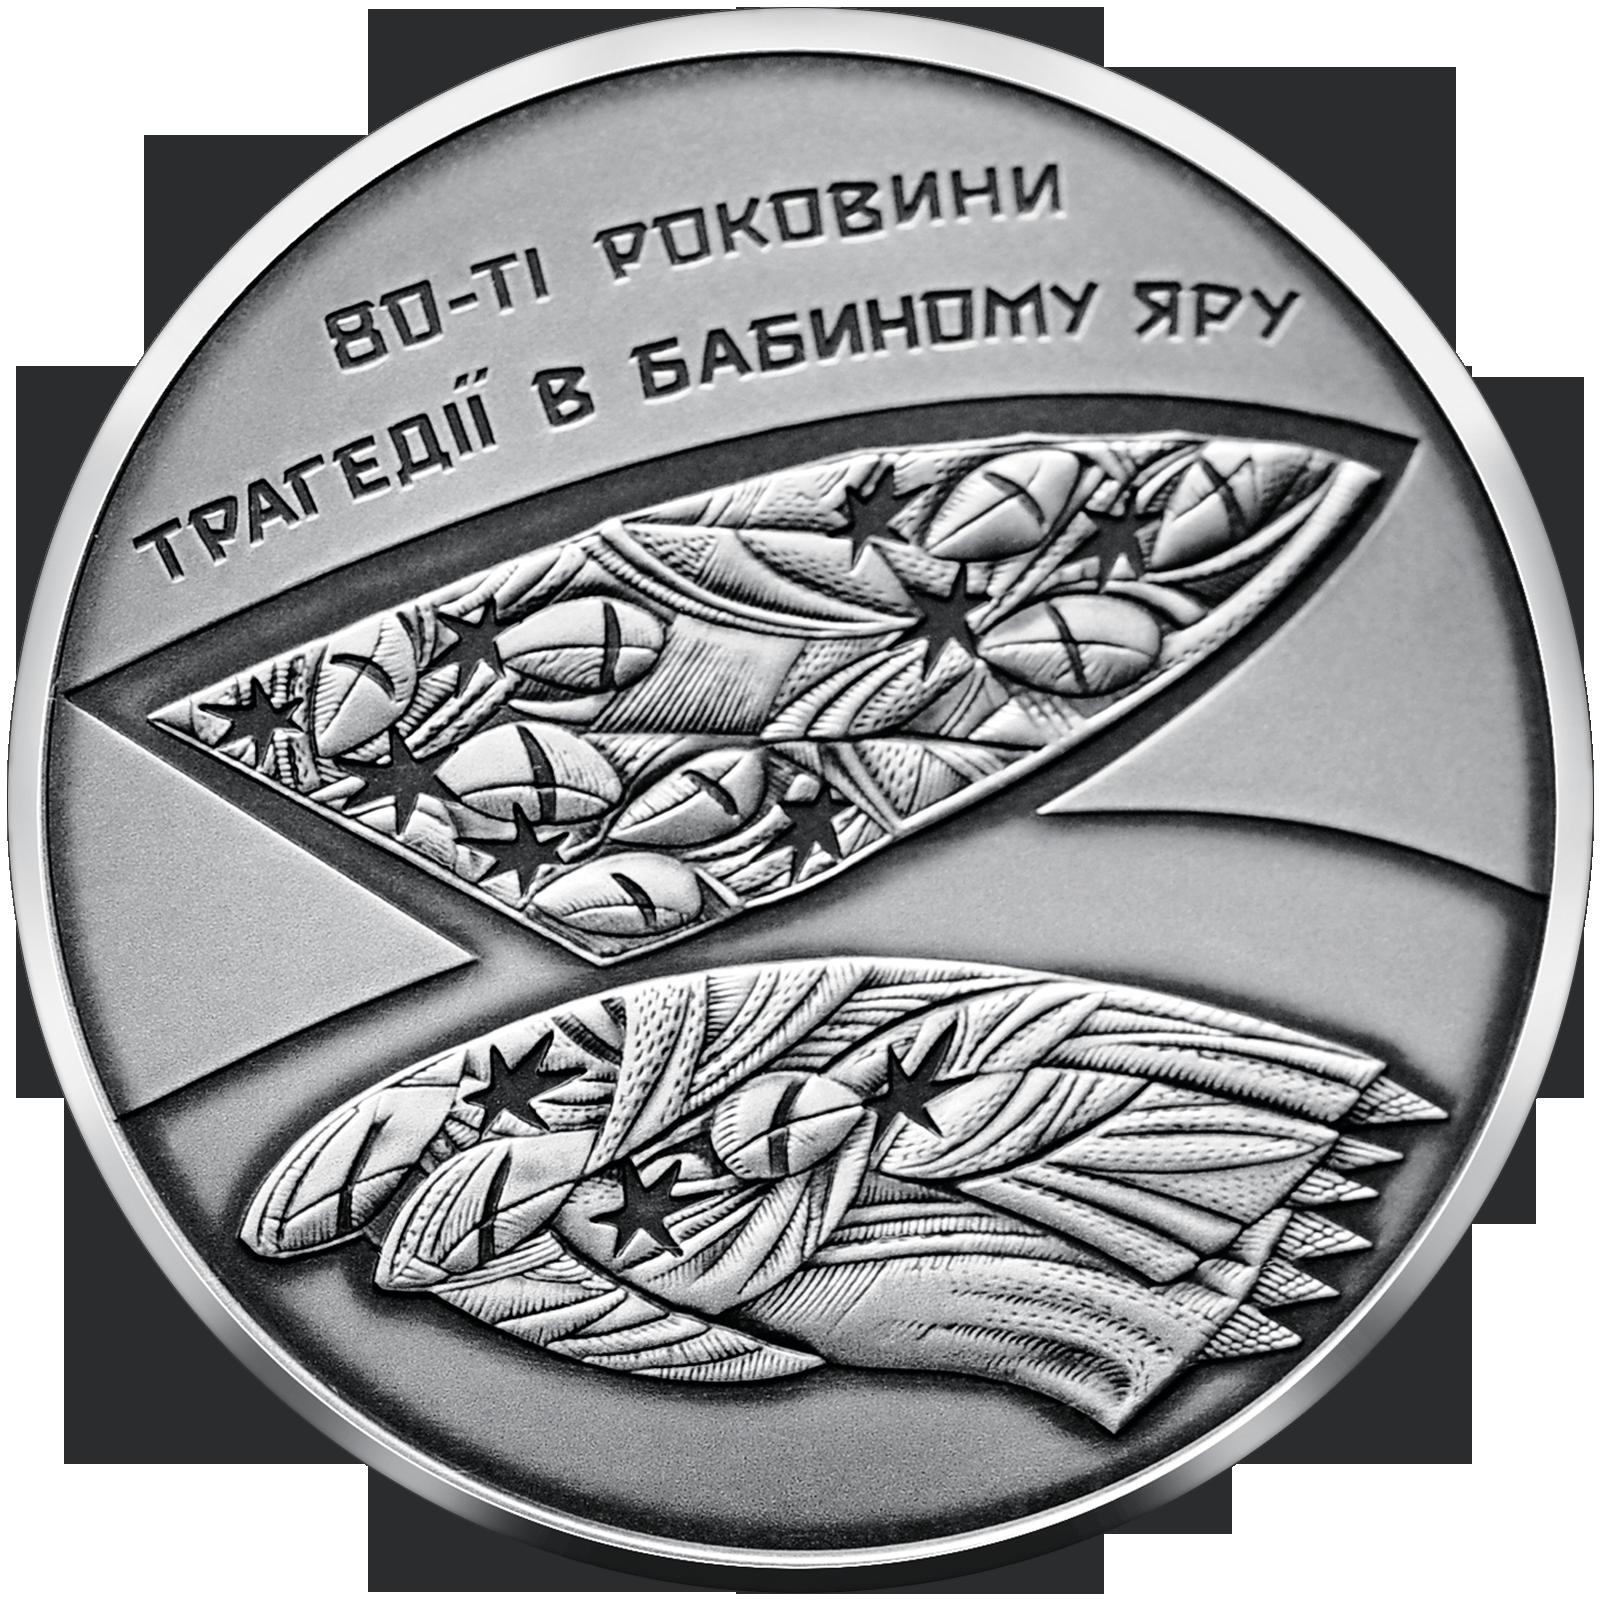 Монету випустили на спомин про жертв Бабиного Яру